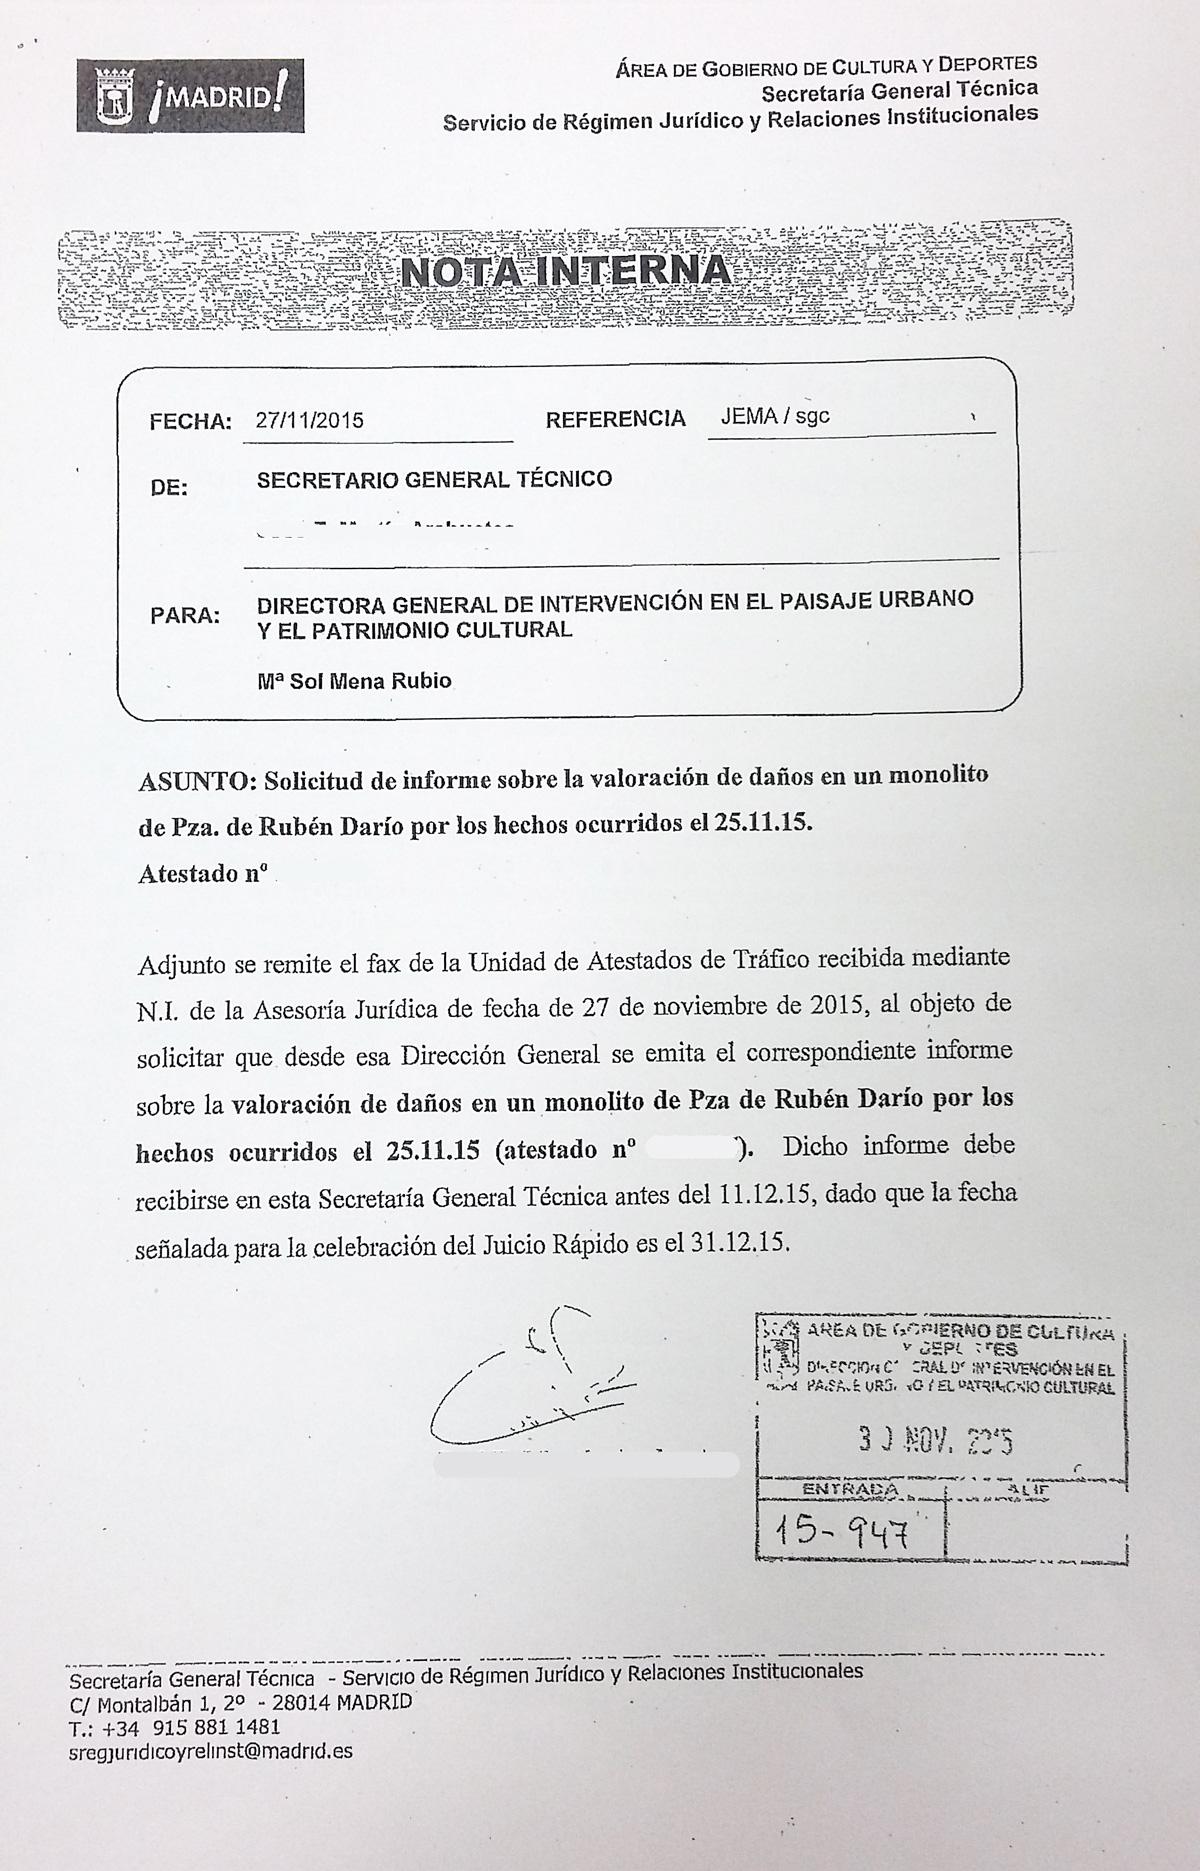 Nota interna sobre el monolito de la plaza Rubén Darío